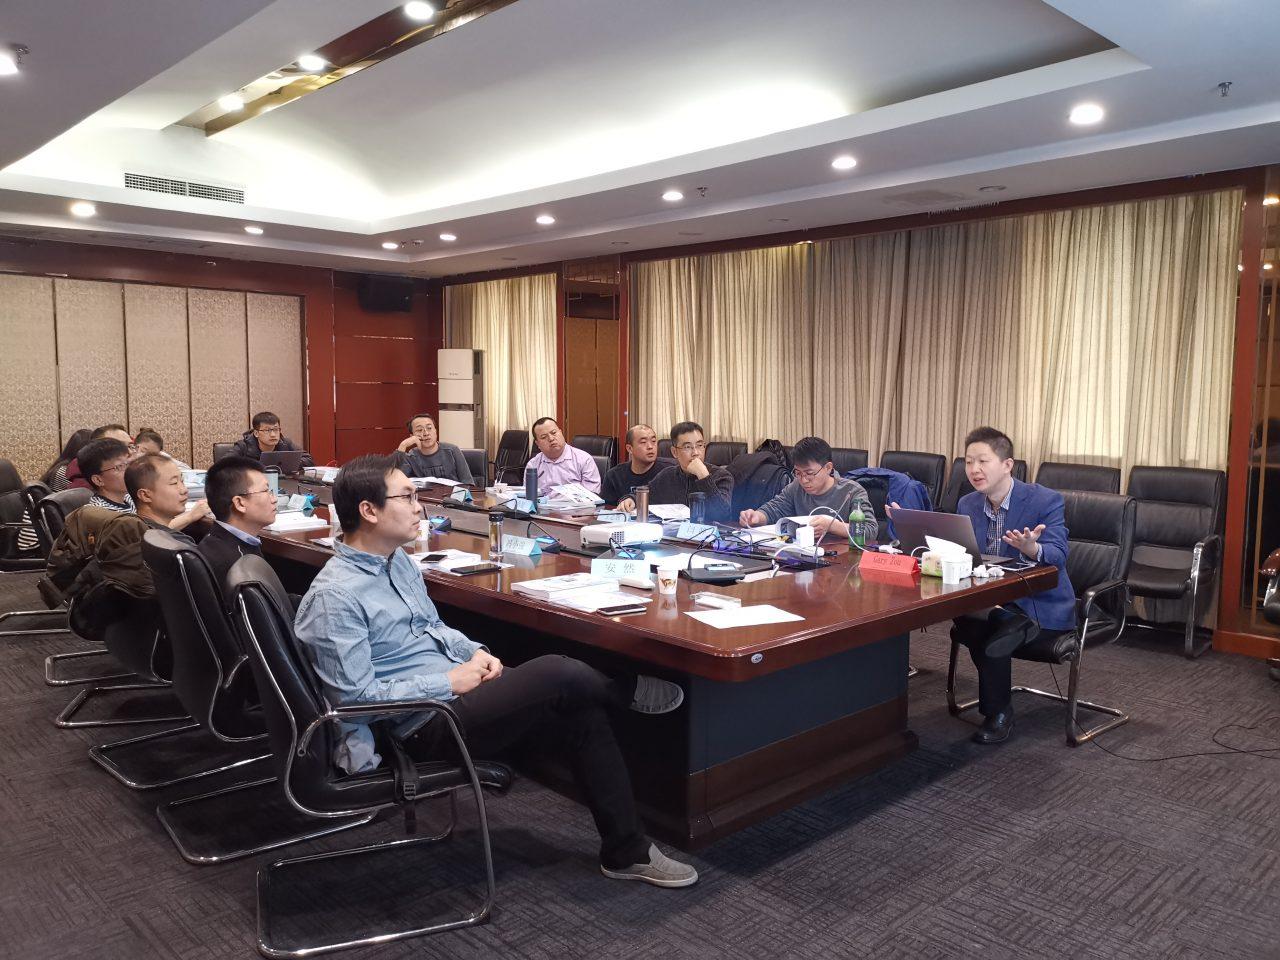 第43期Togaf认证培训班·北京班11.23日正式开课 -- 第2张